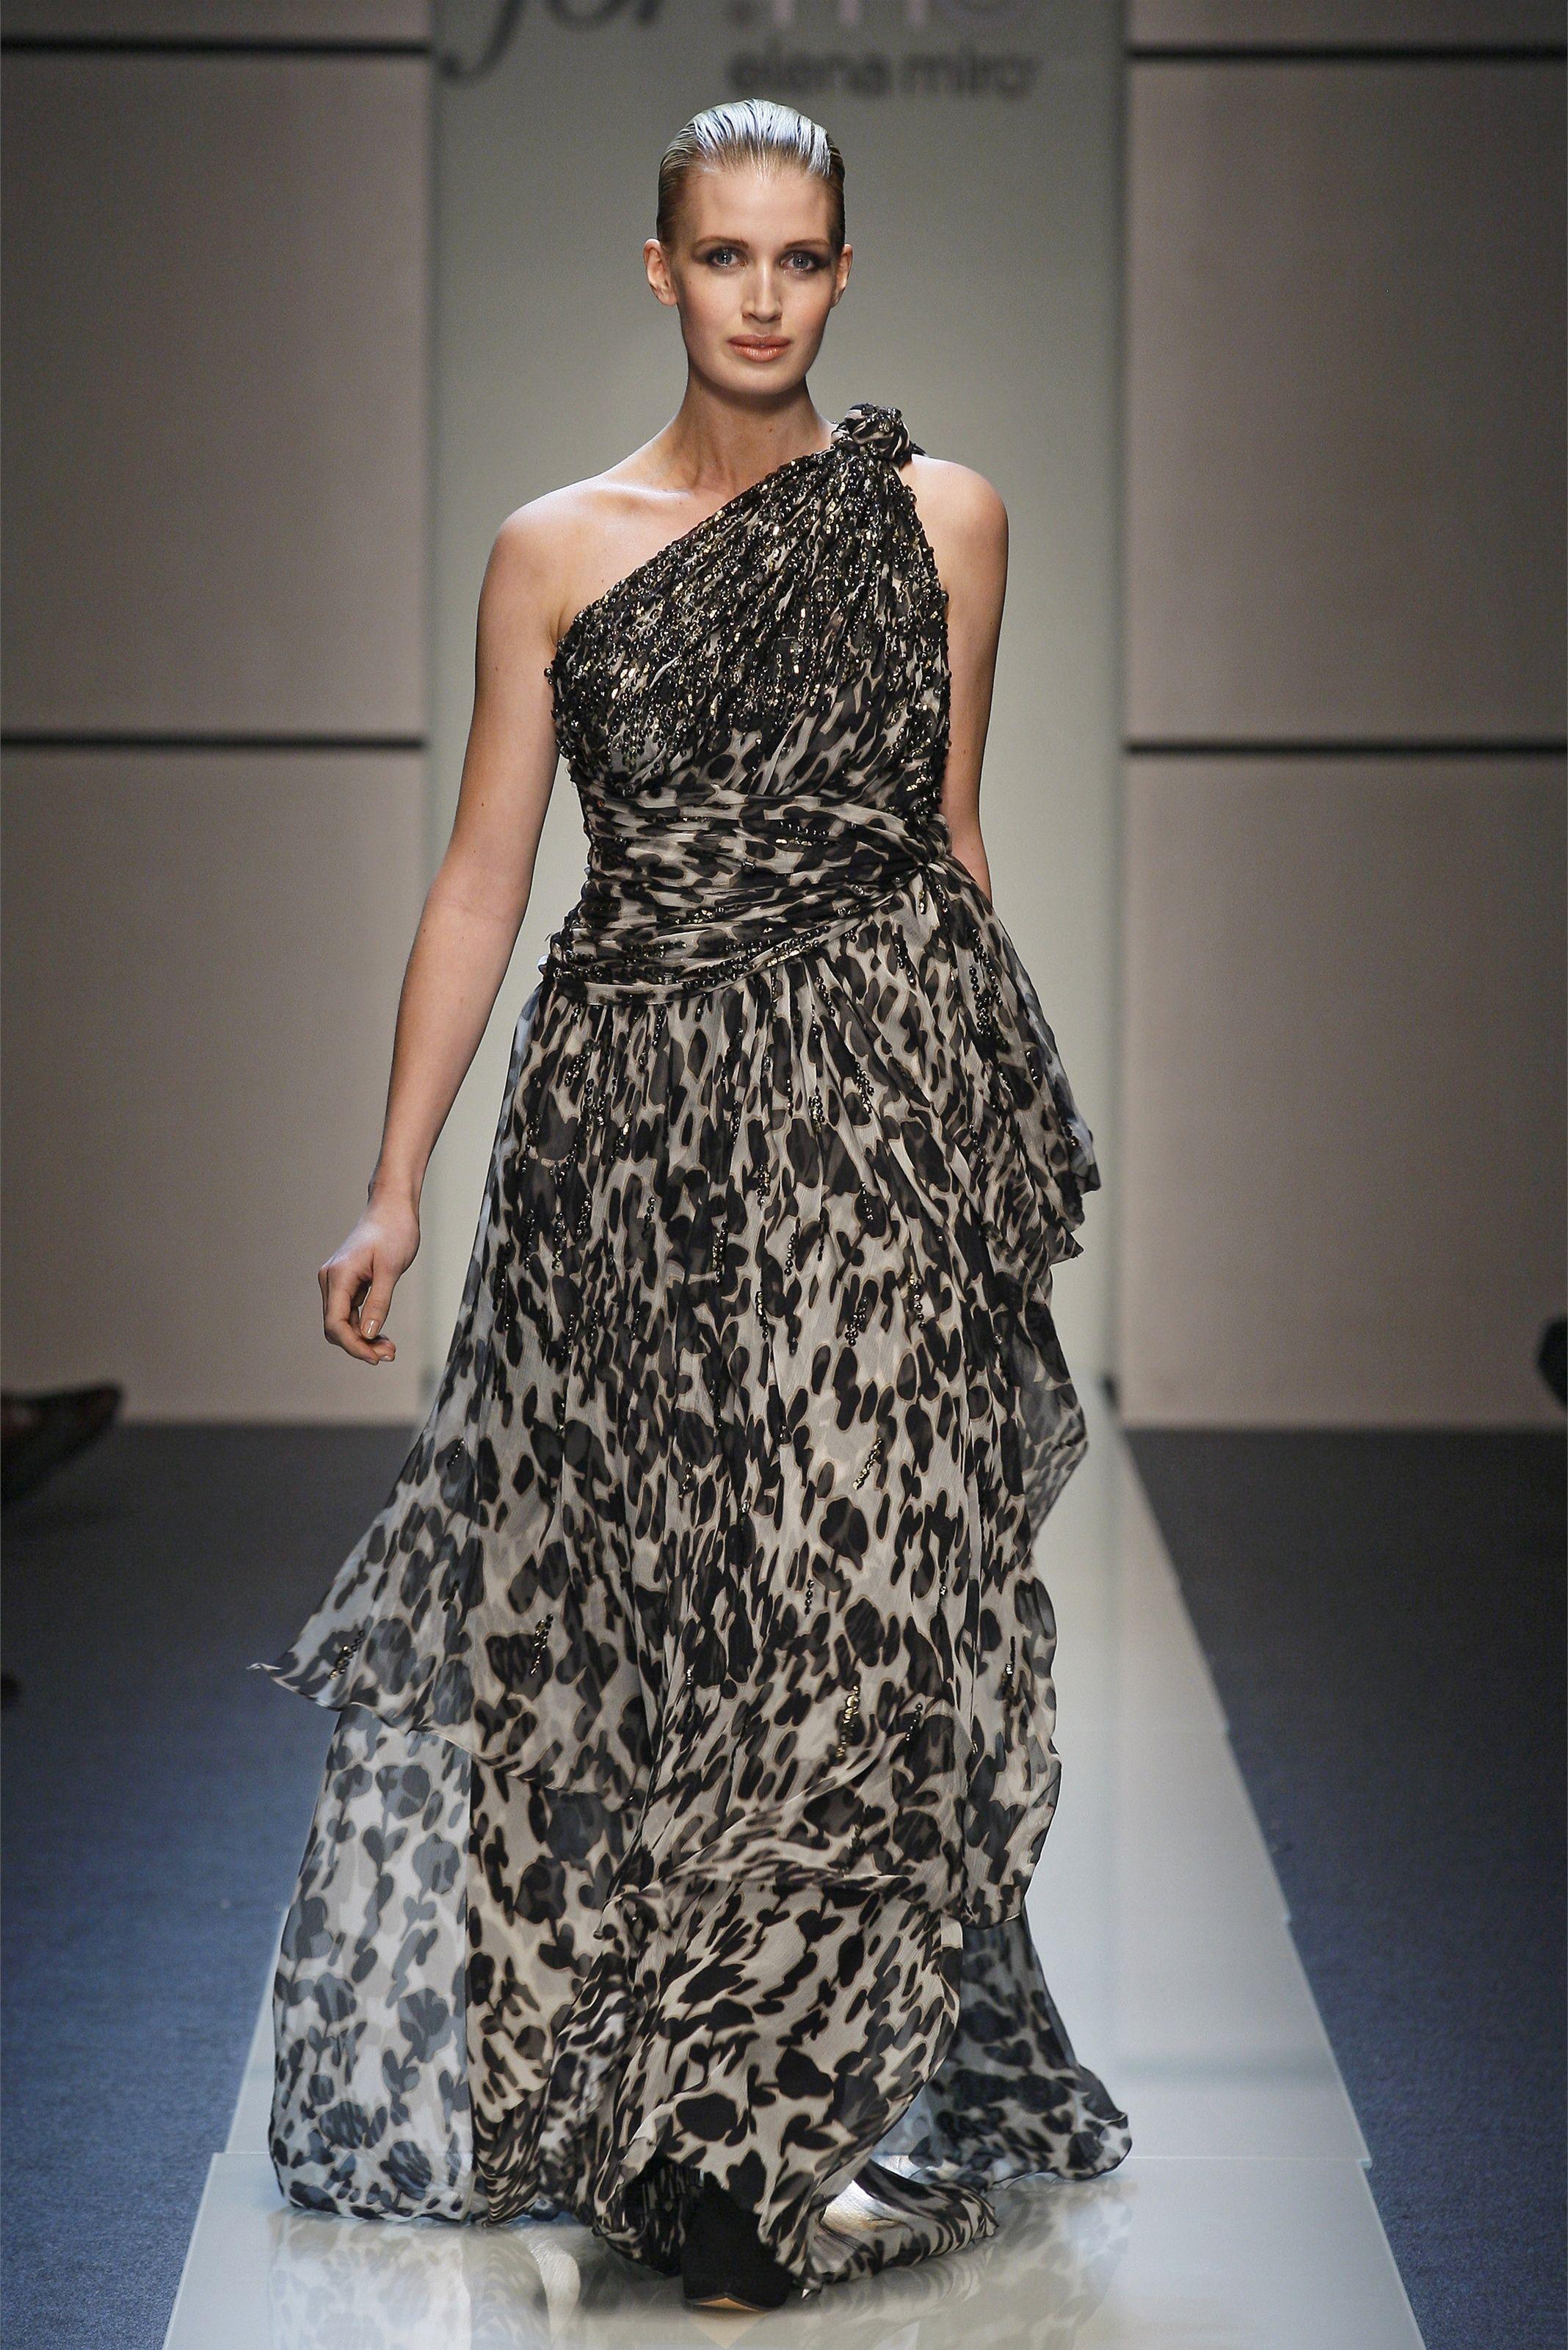 Sfilata For.Me Elena Mirò Milano - Collezioni Autunno Inverno 2013-14 -  Vogue ec5b7a3f540